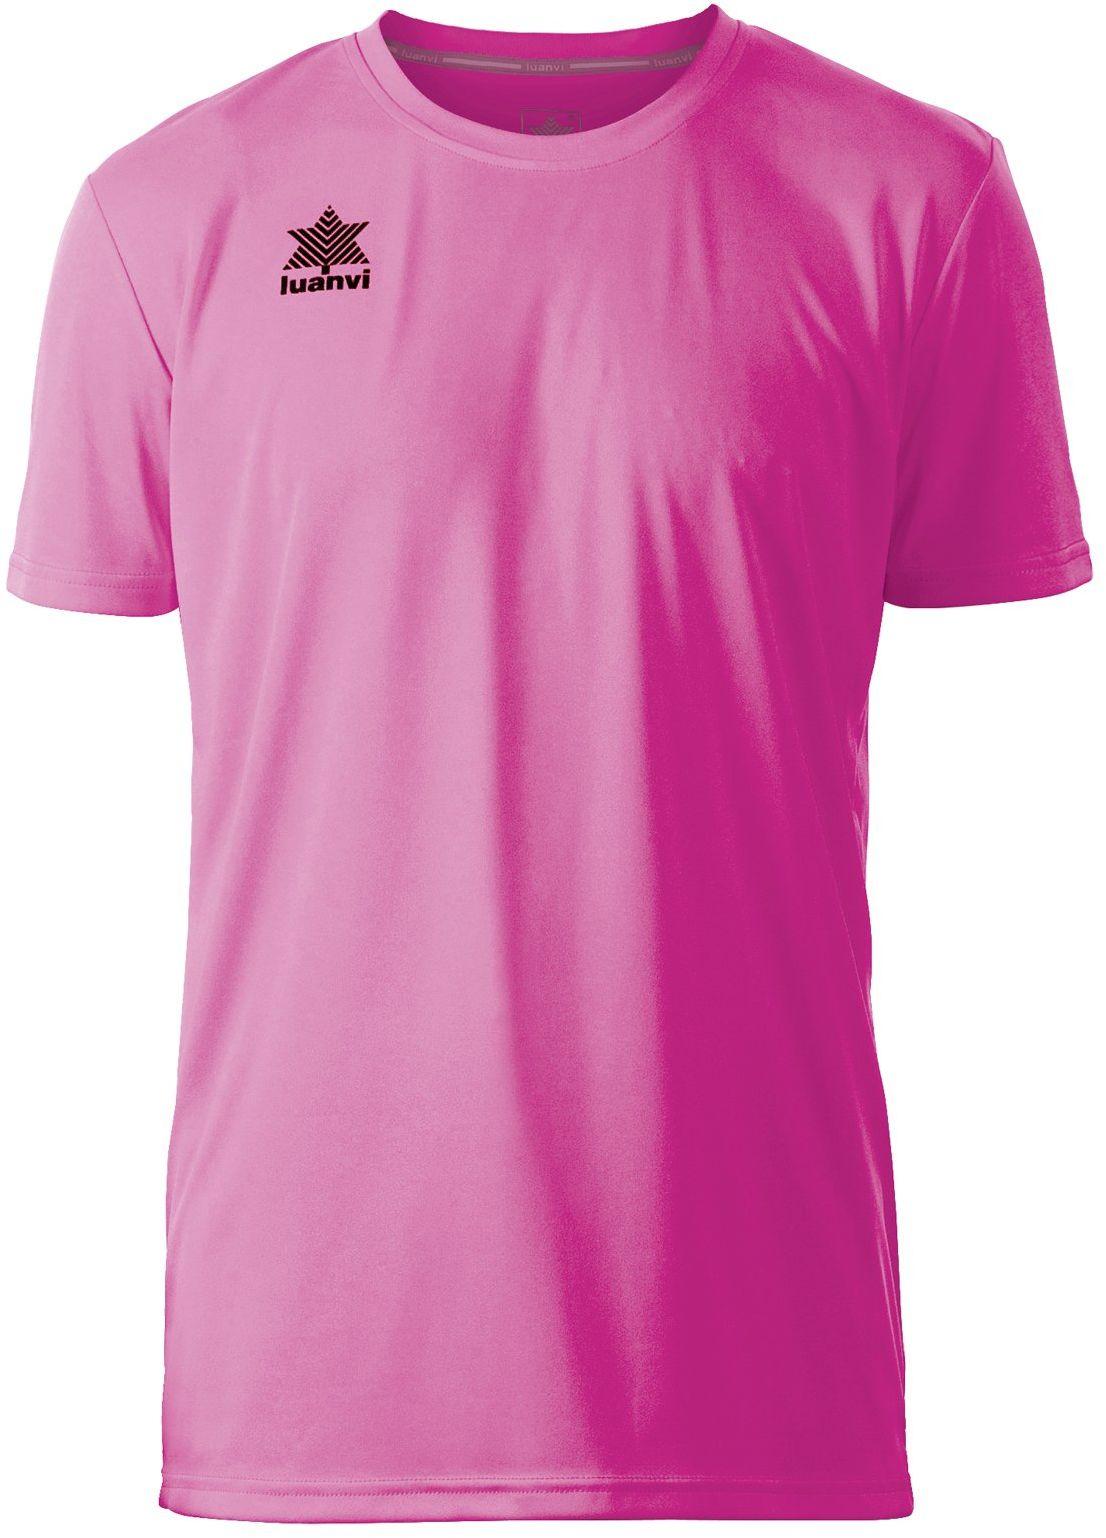 Luanvi Męska koszulka sportowa z krótkim rękawem różowy Rosa XXS